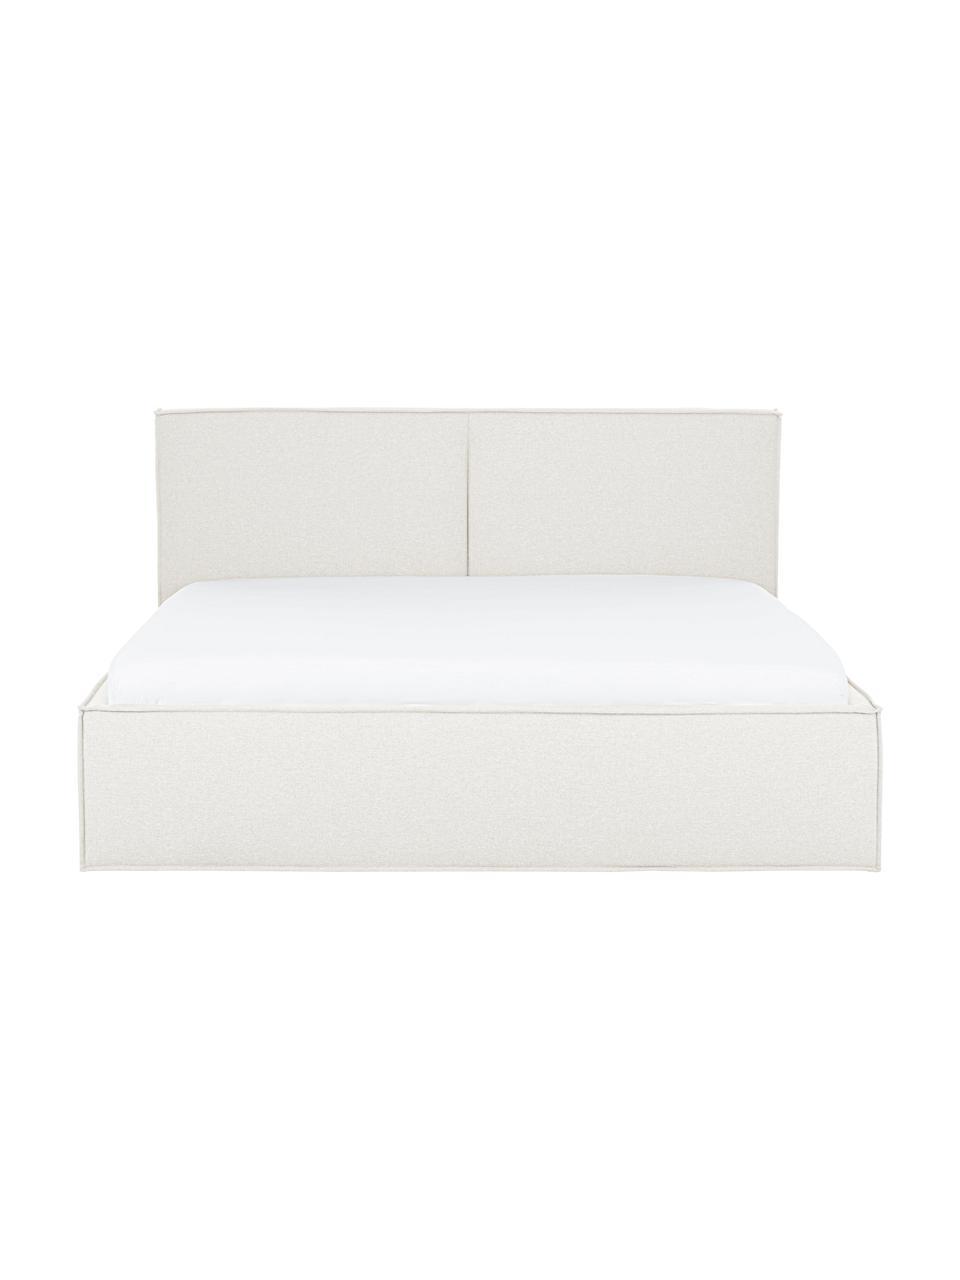 Čalouněná postel s úložným prostorem Dream, Krémově bílá